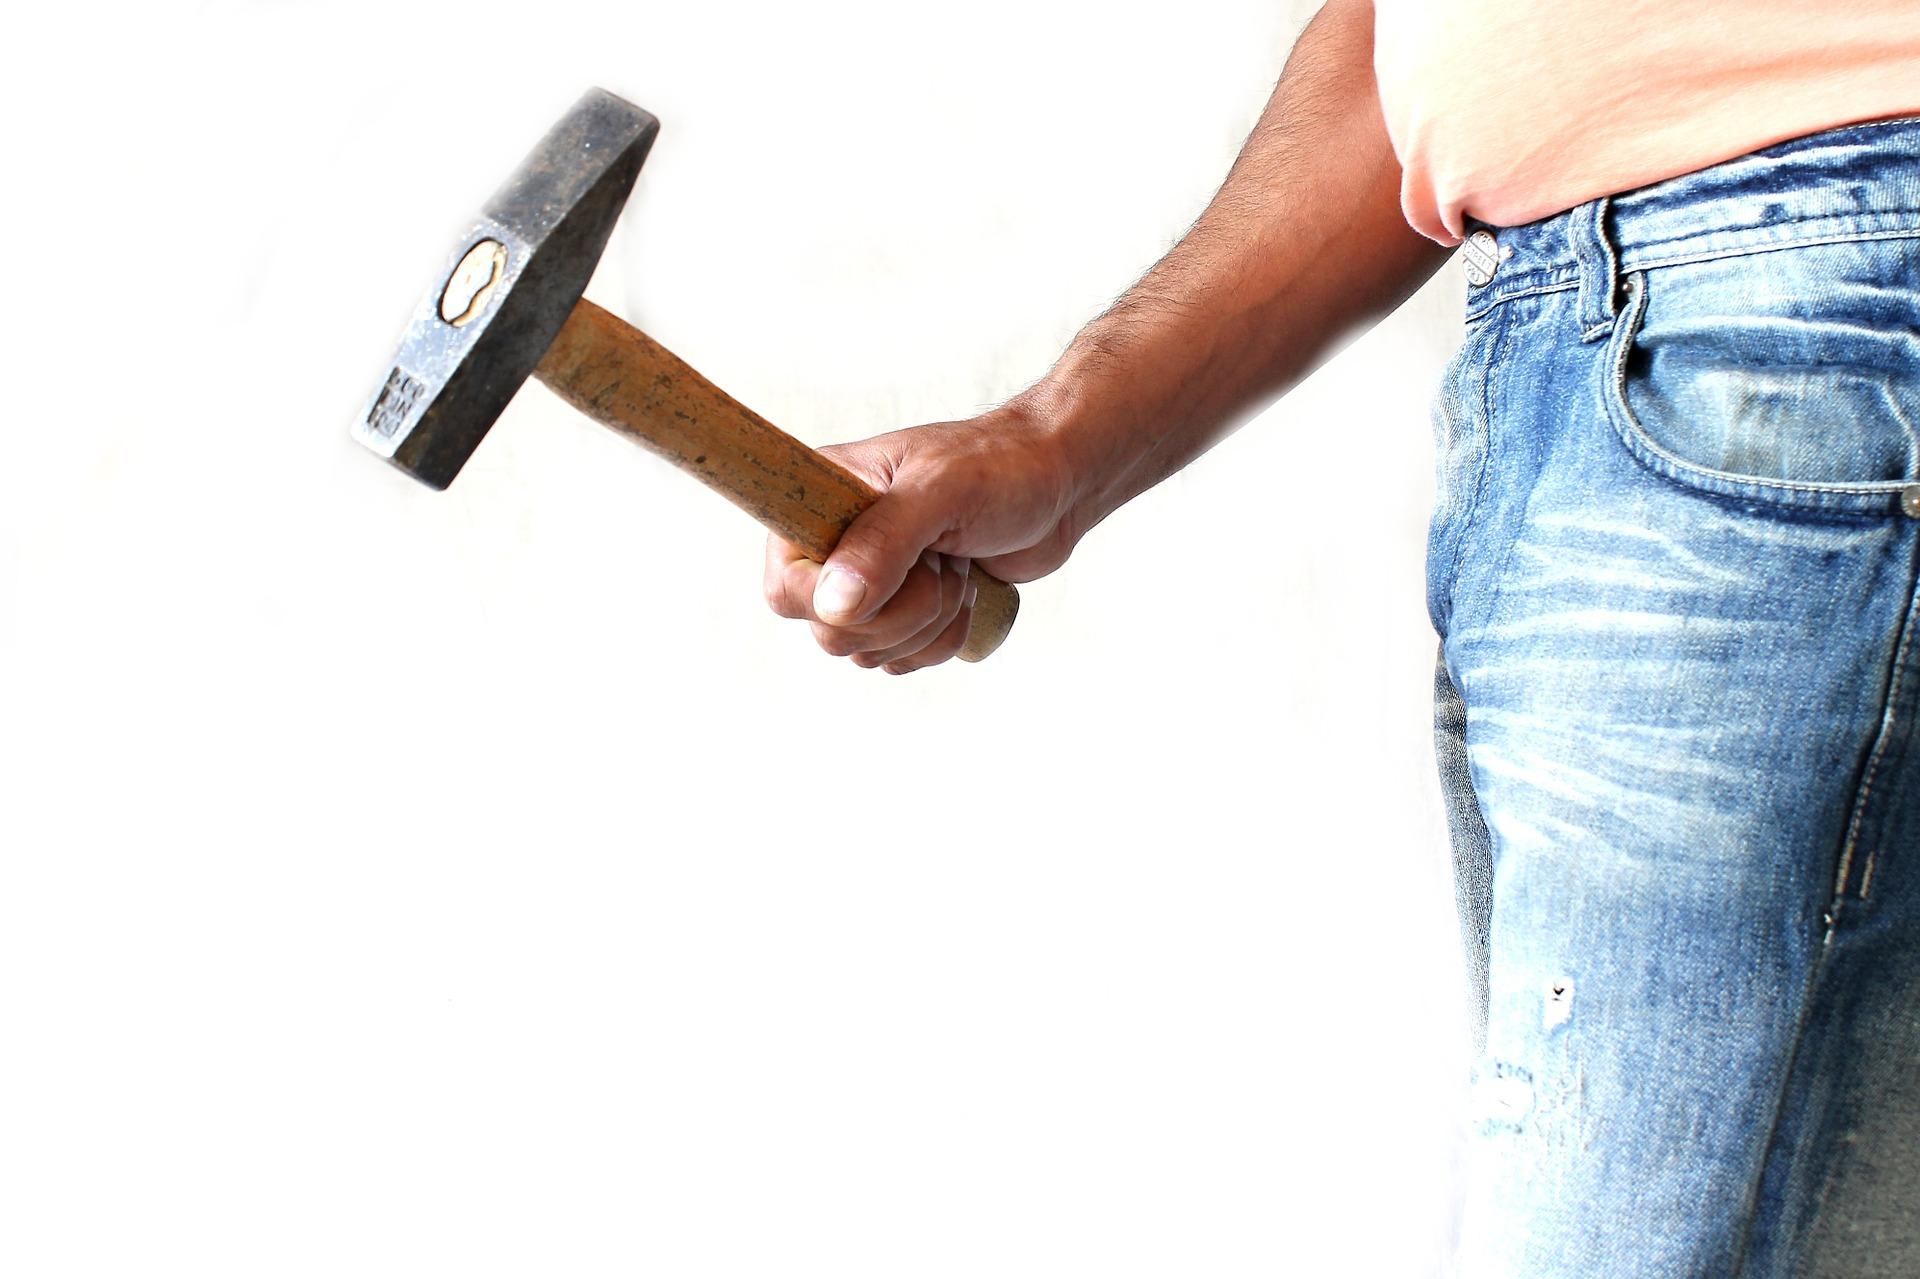 hammer-1008973_1920